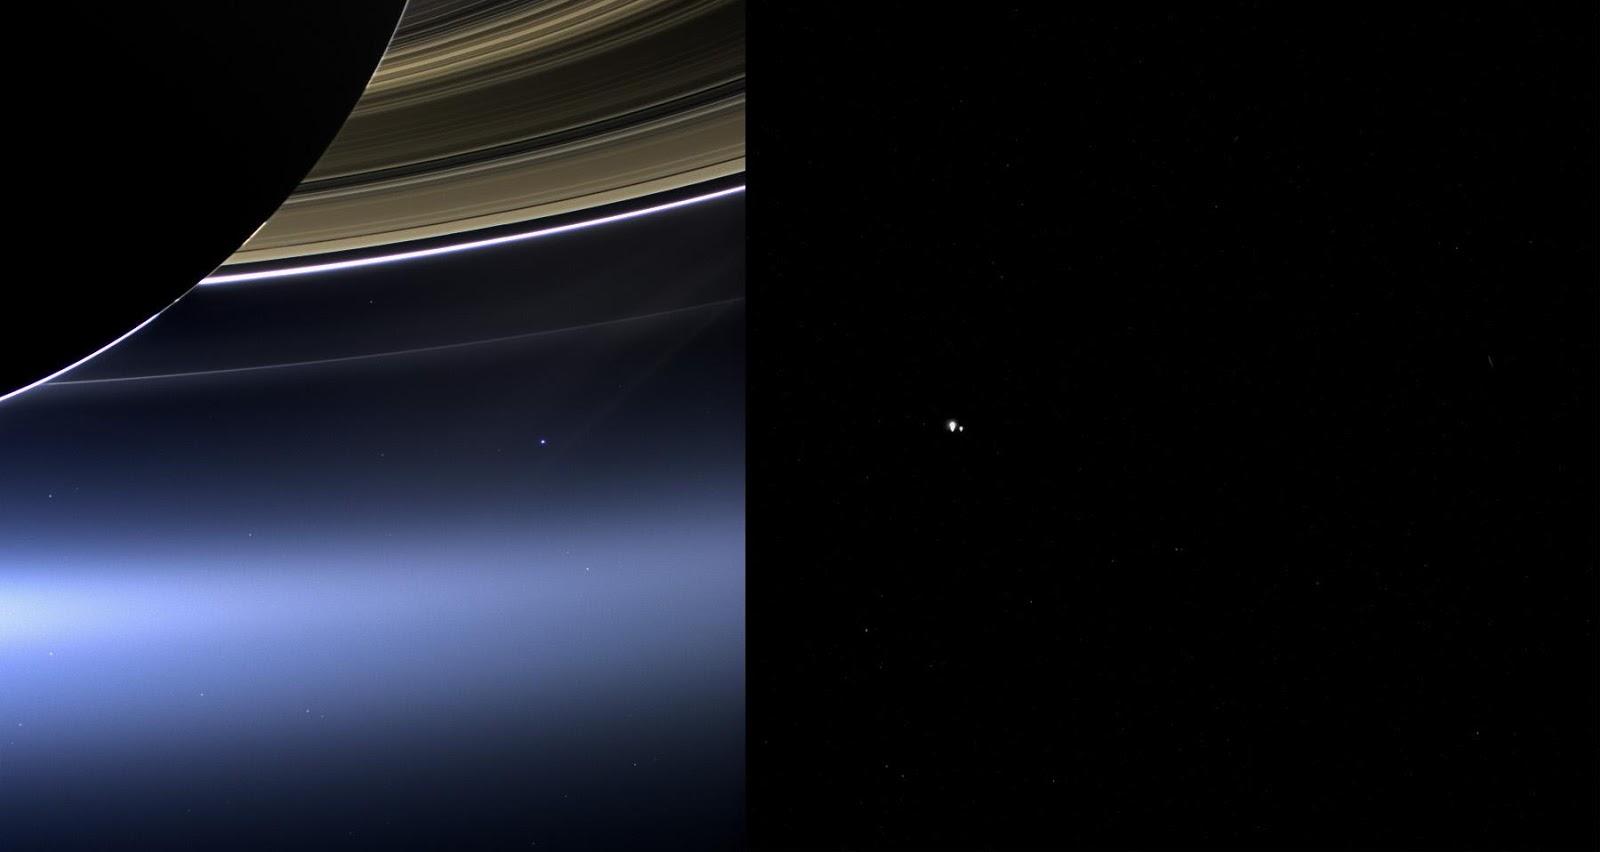 Cassini Pale Blue Dot Wallpaper (page 3) - Pics about space